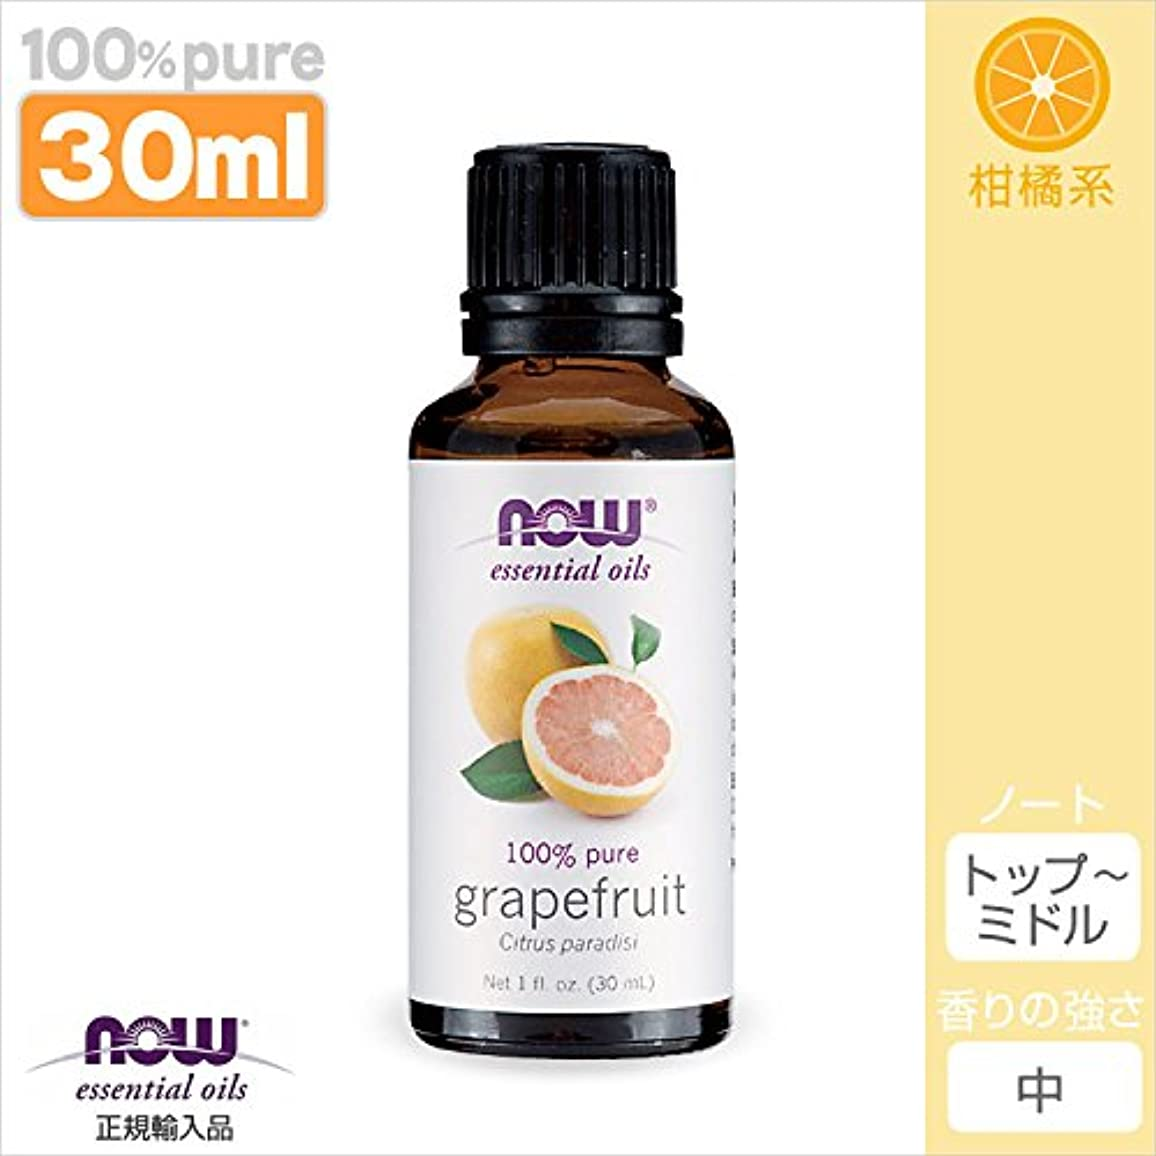 入浴病者サラダグレープフルーツ精油[30ml] 【正規輸入品】 NOWエッセンシャルオイル(アロマオイル)